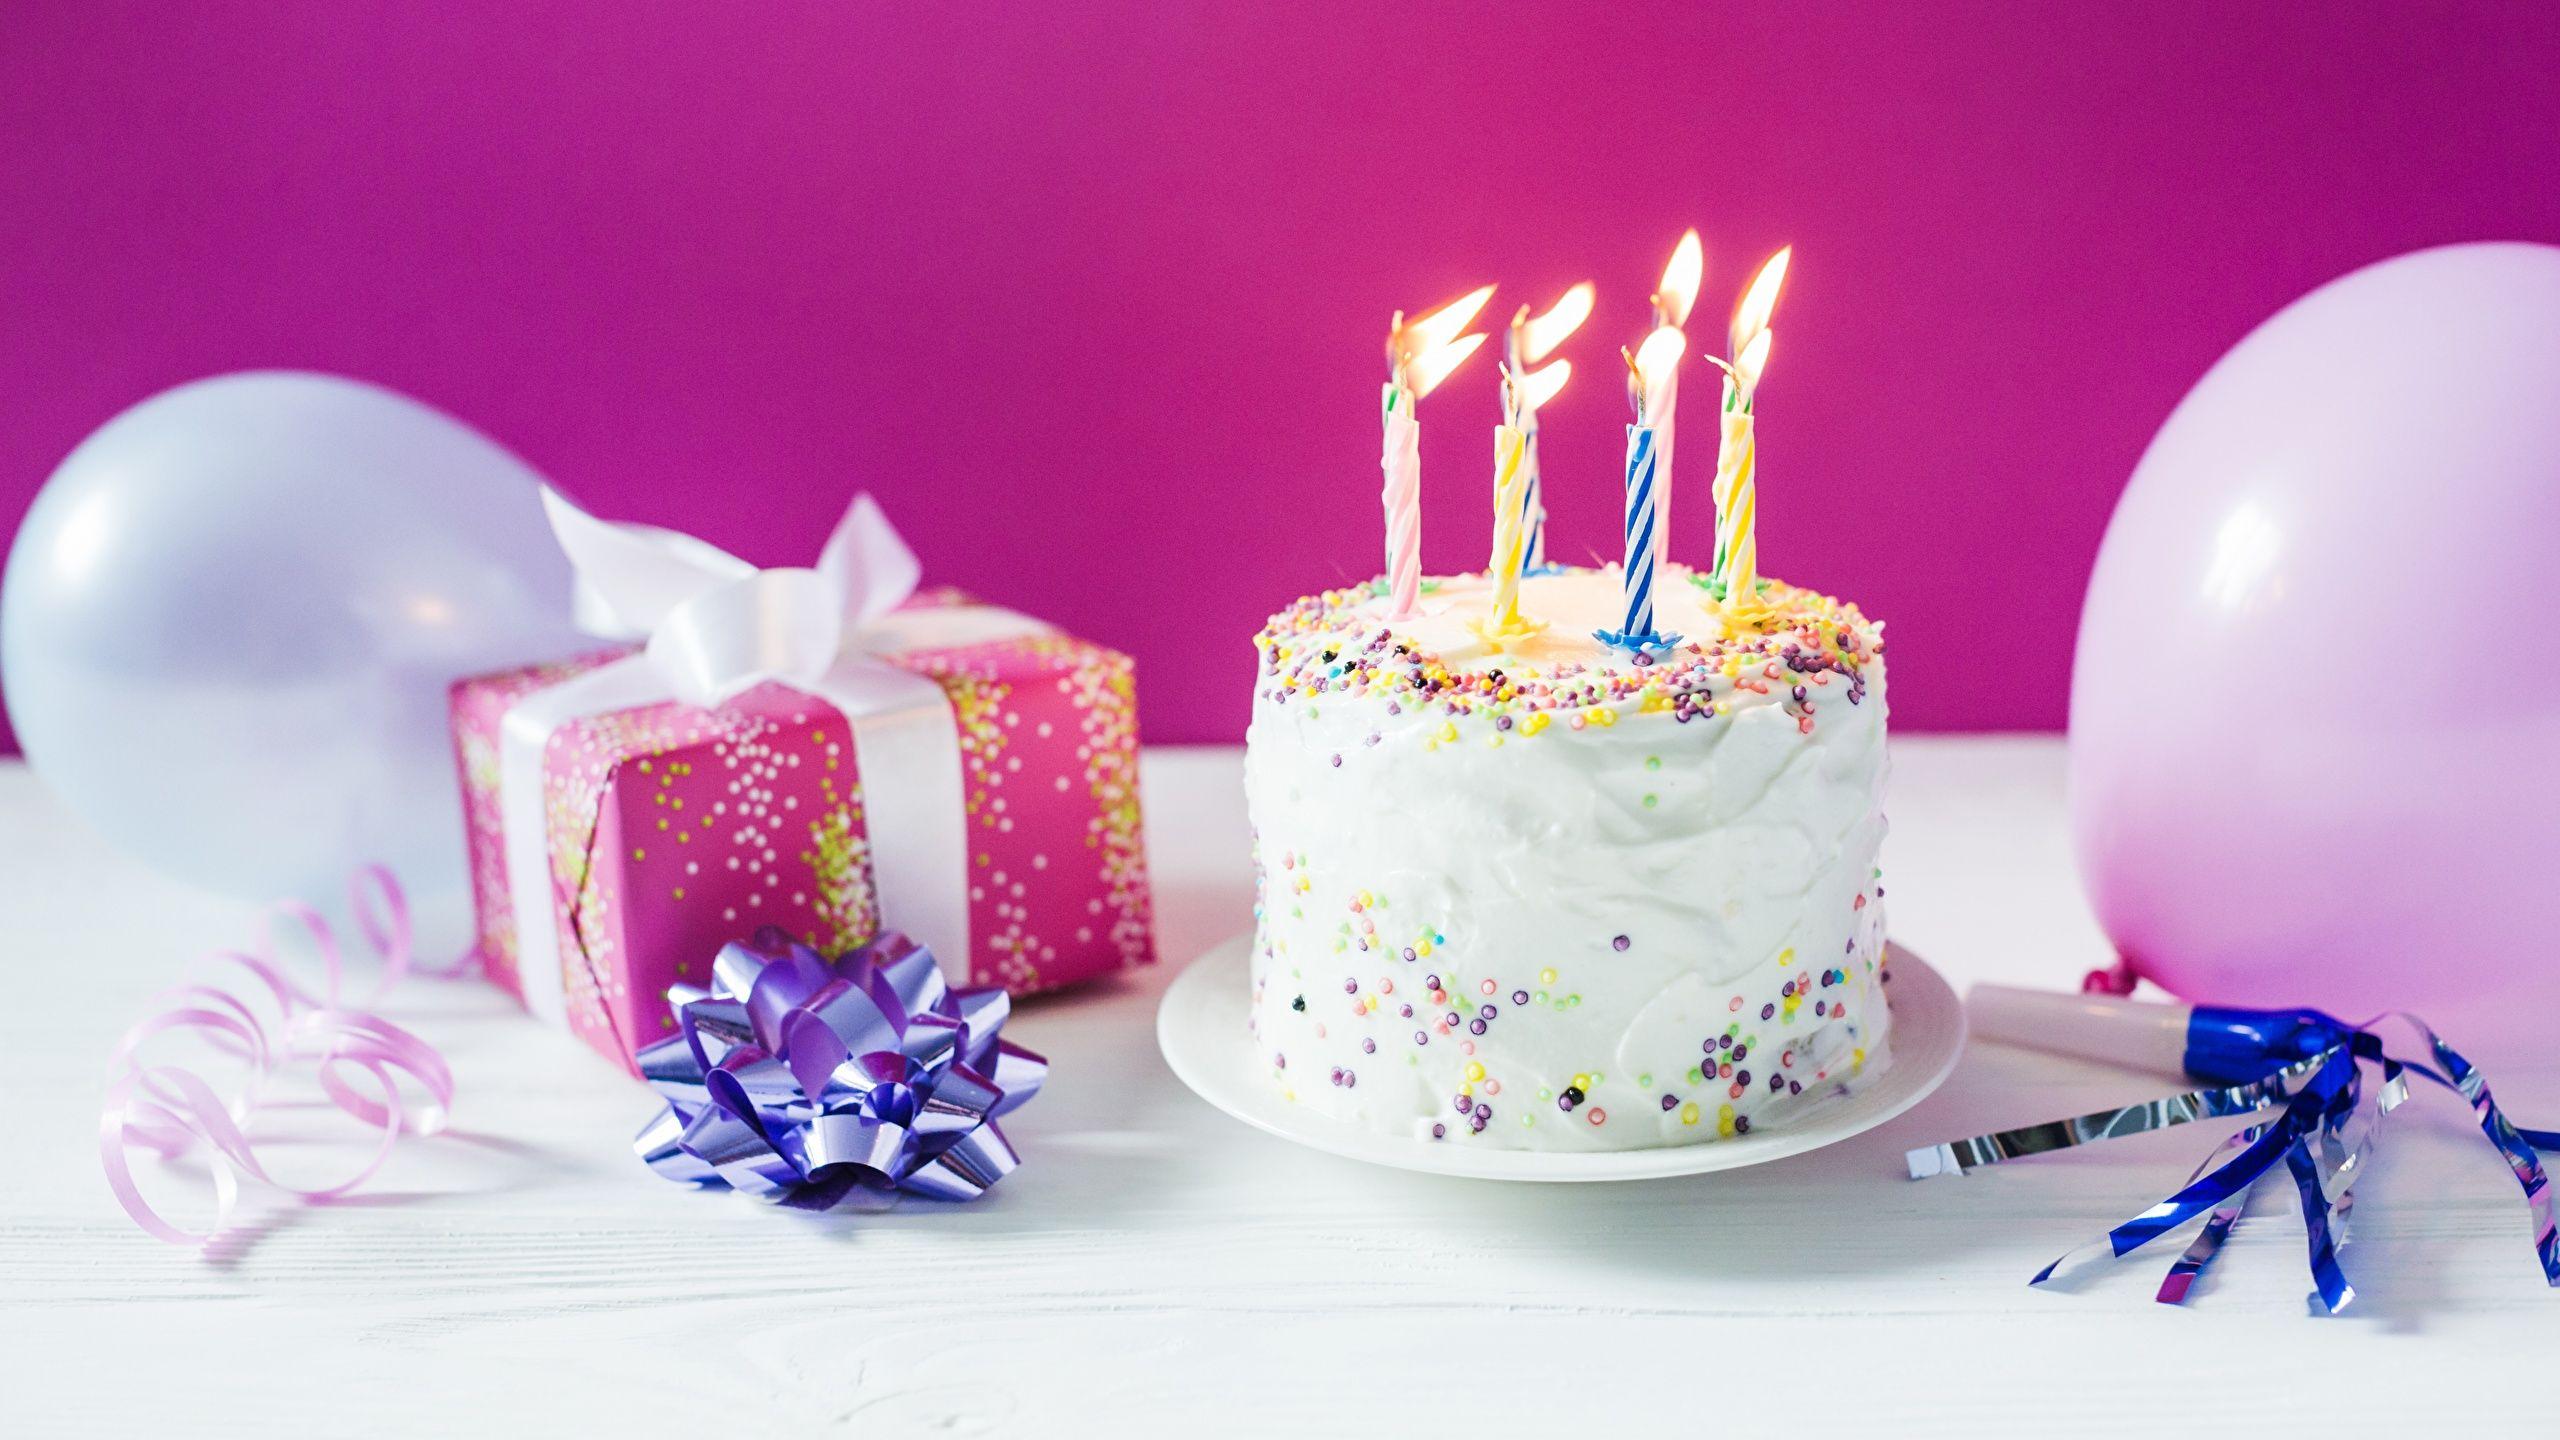 gambar hadiah kue ulang tahun dari Kumpulan Berbagai Gambar Kue ...